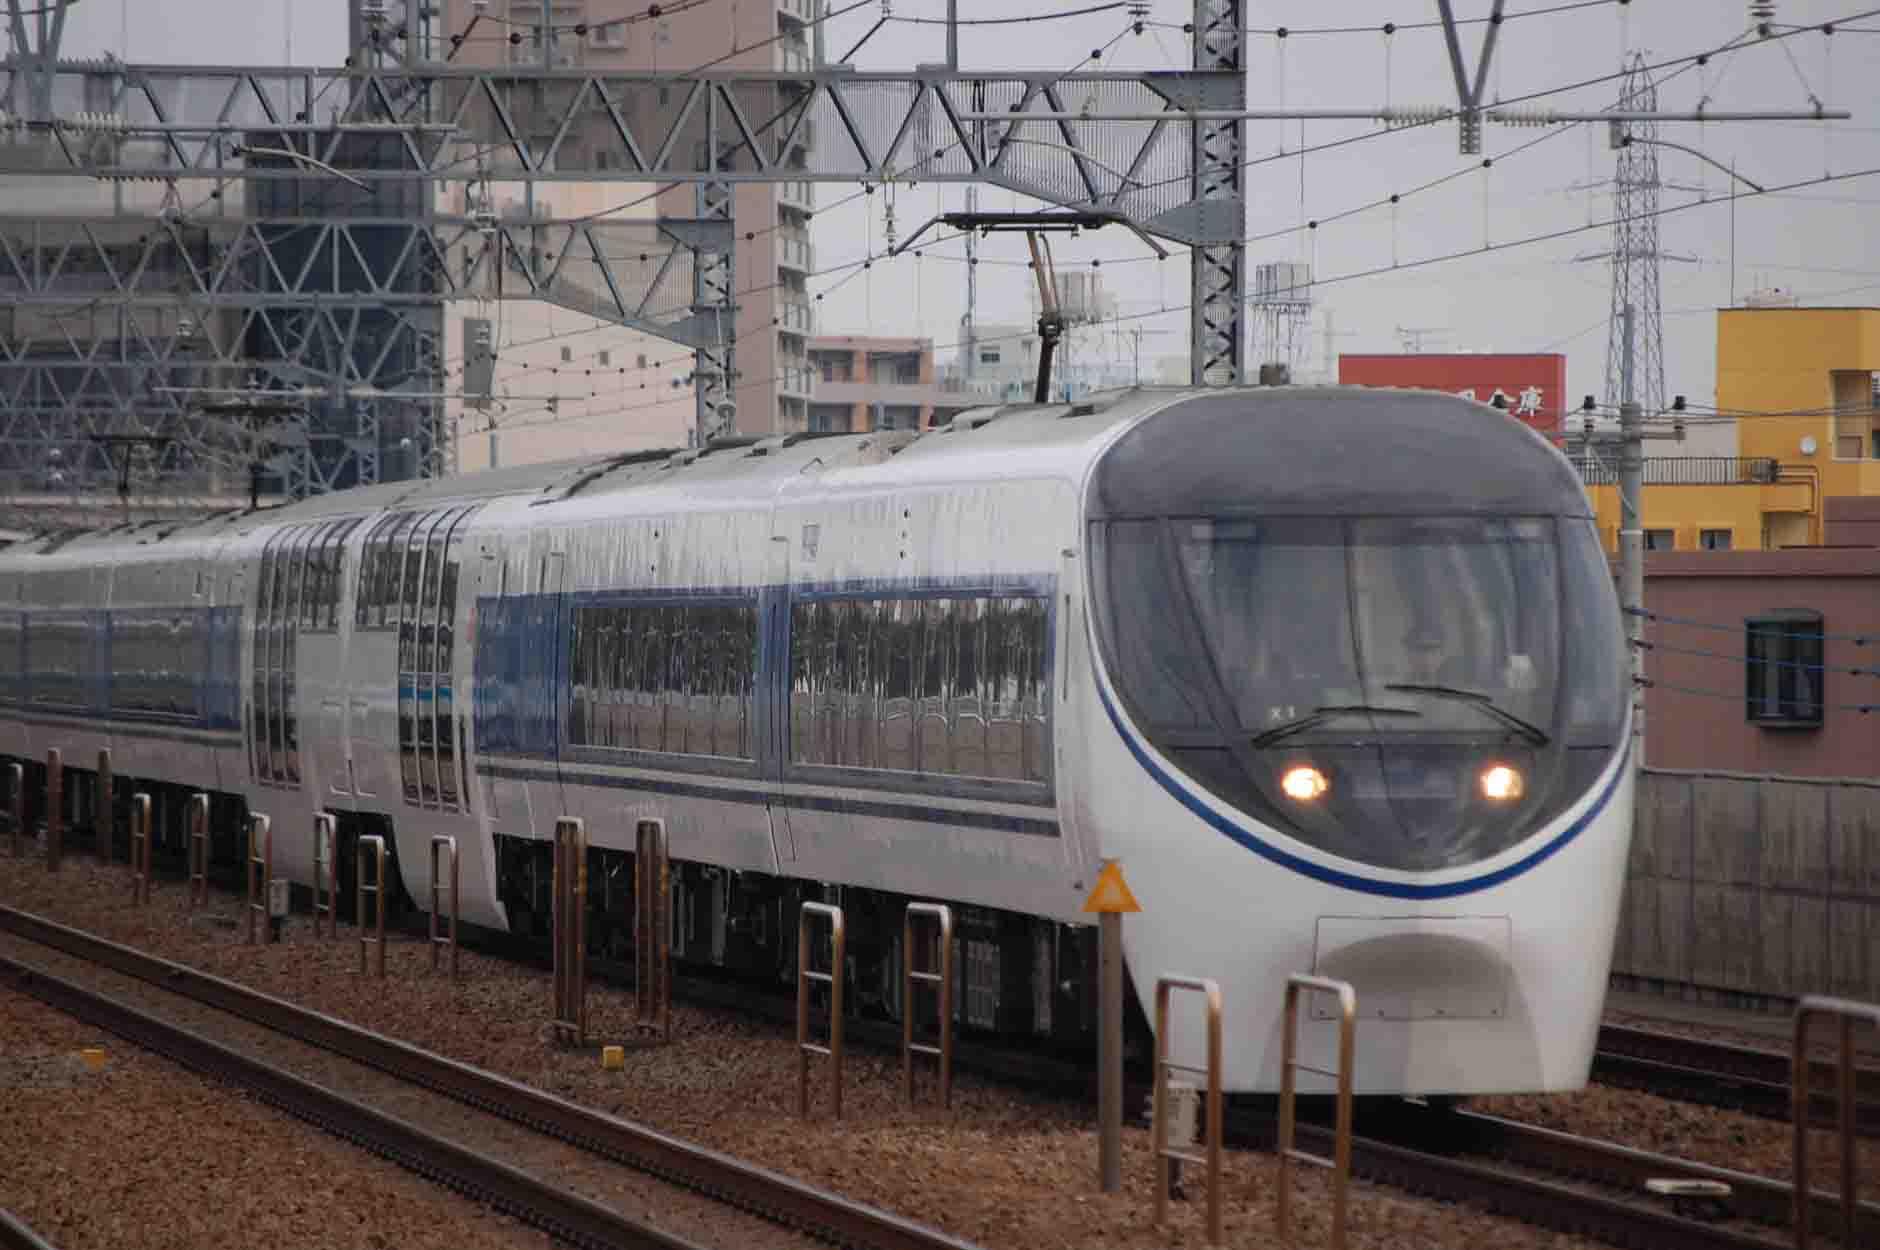 20120205小田急あさぎり 034A